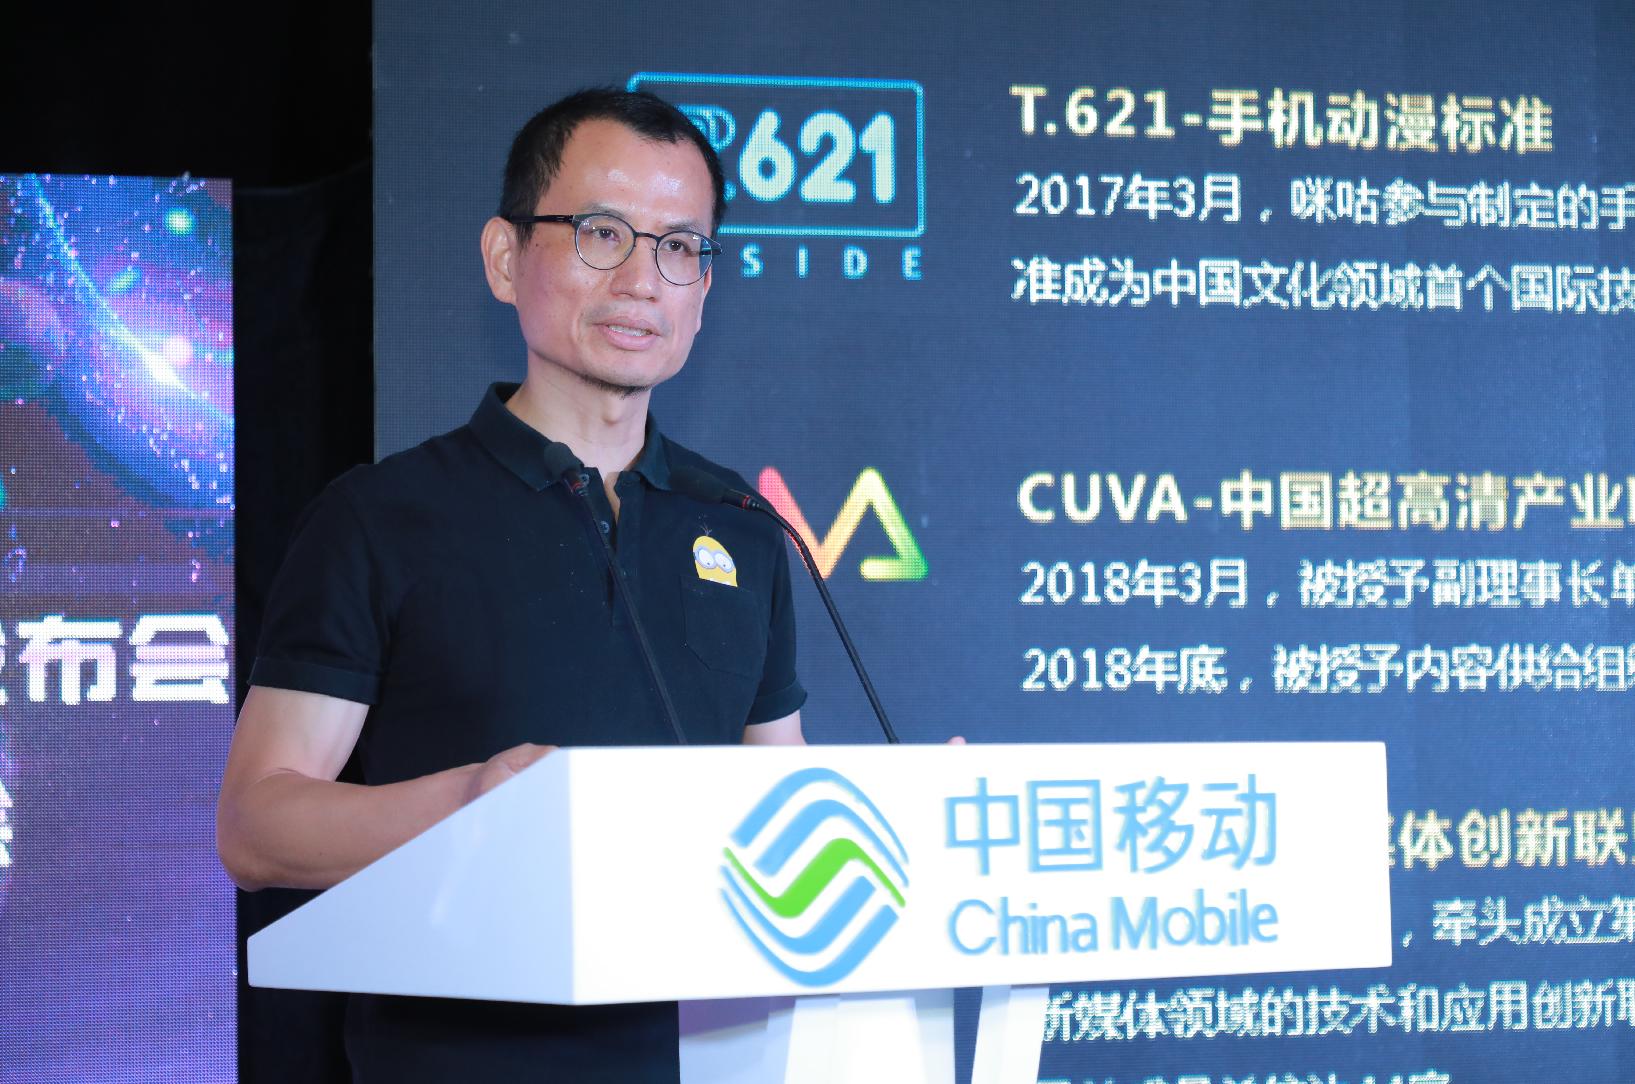 中國移動舉辦5G沉浸式體驗展 8K高清影院將亮相